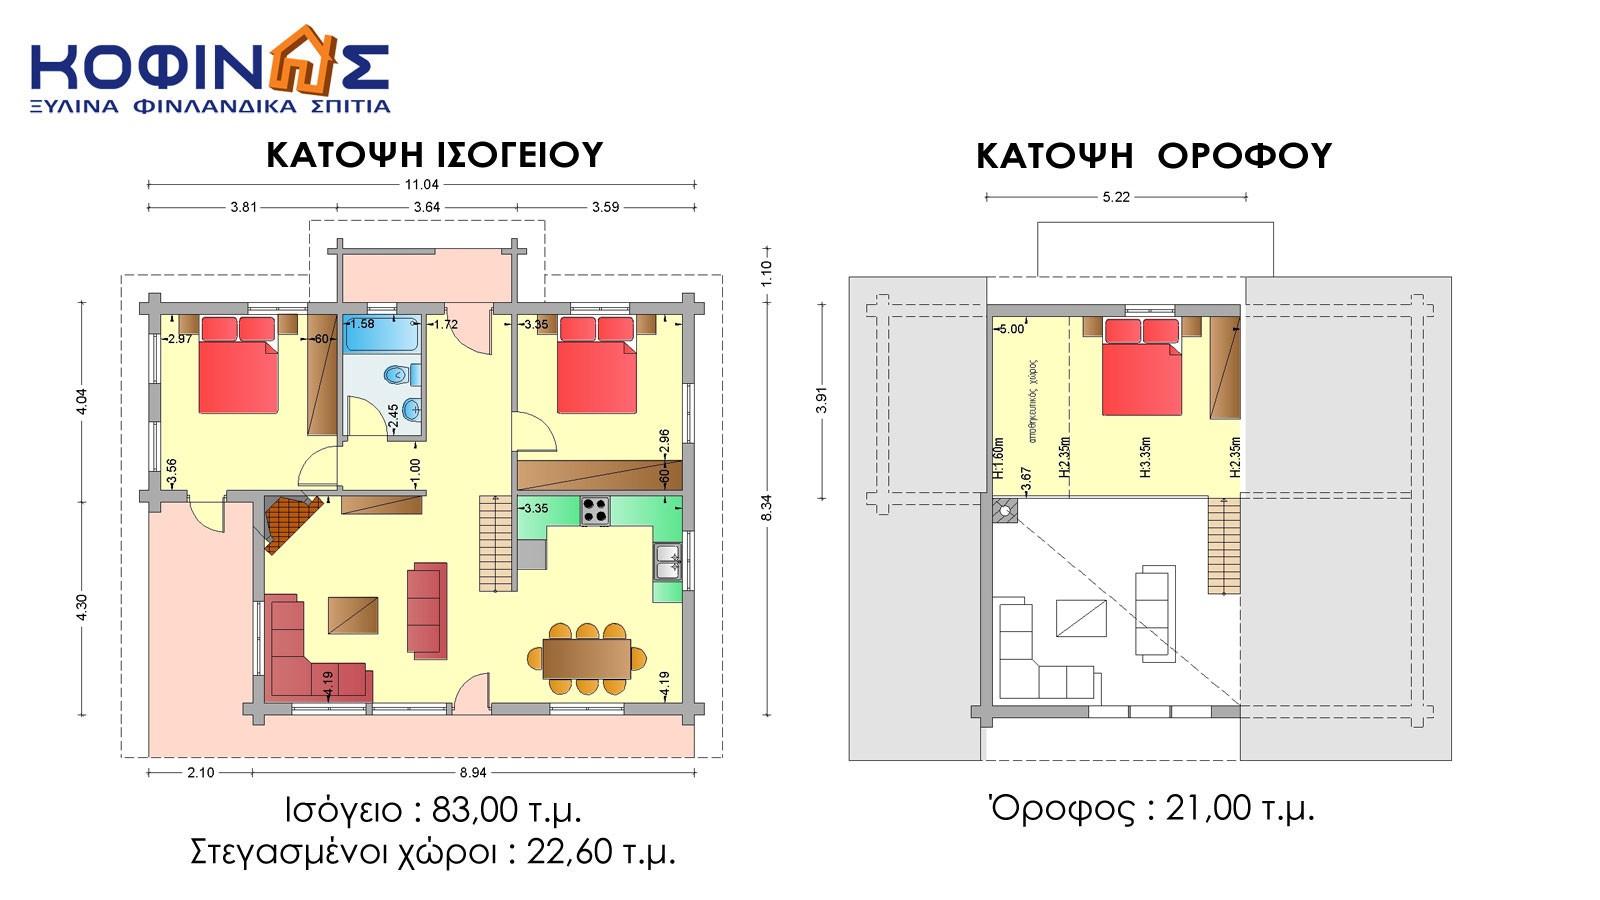 Διώροφη Ξύλινη Κατοικία XD-104, συνολικής επιφάνειας 104,00 τ.μ.